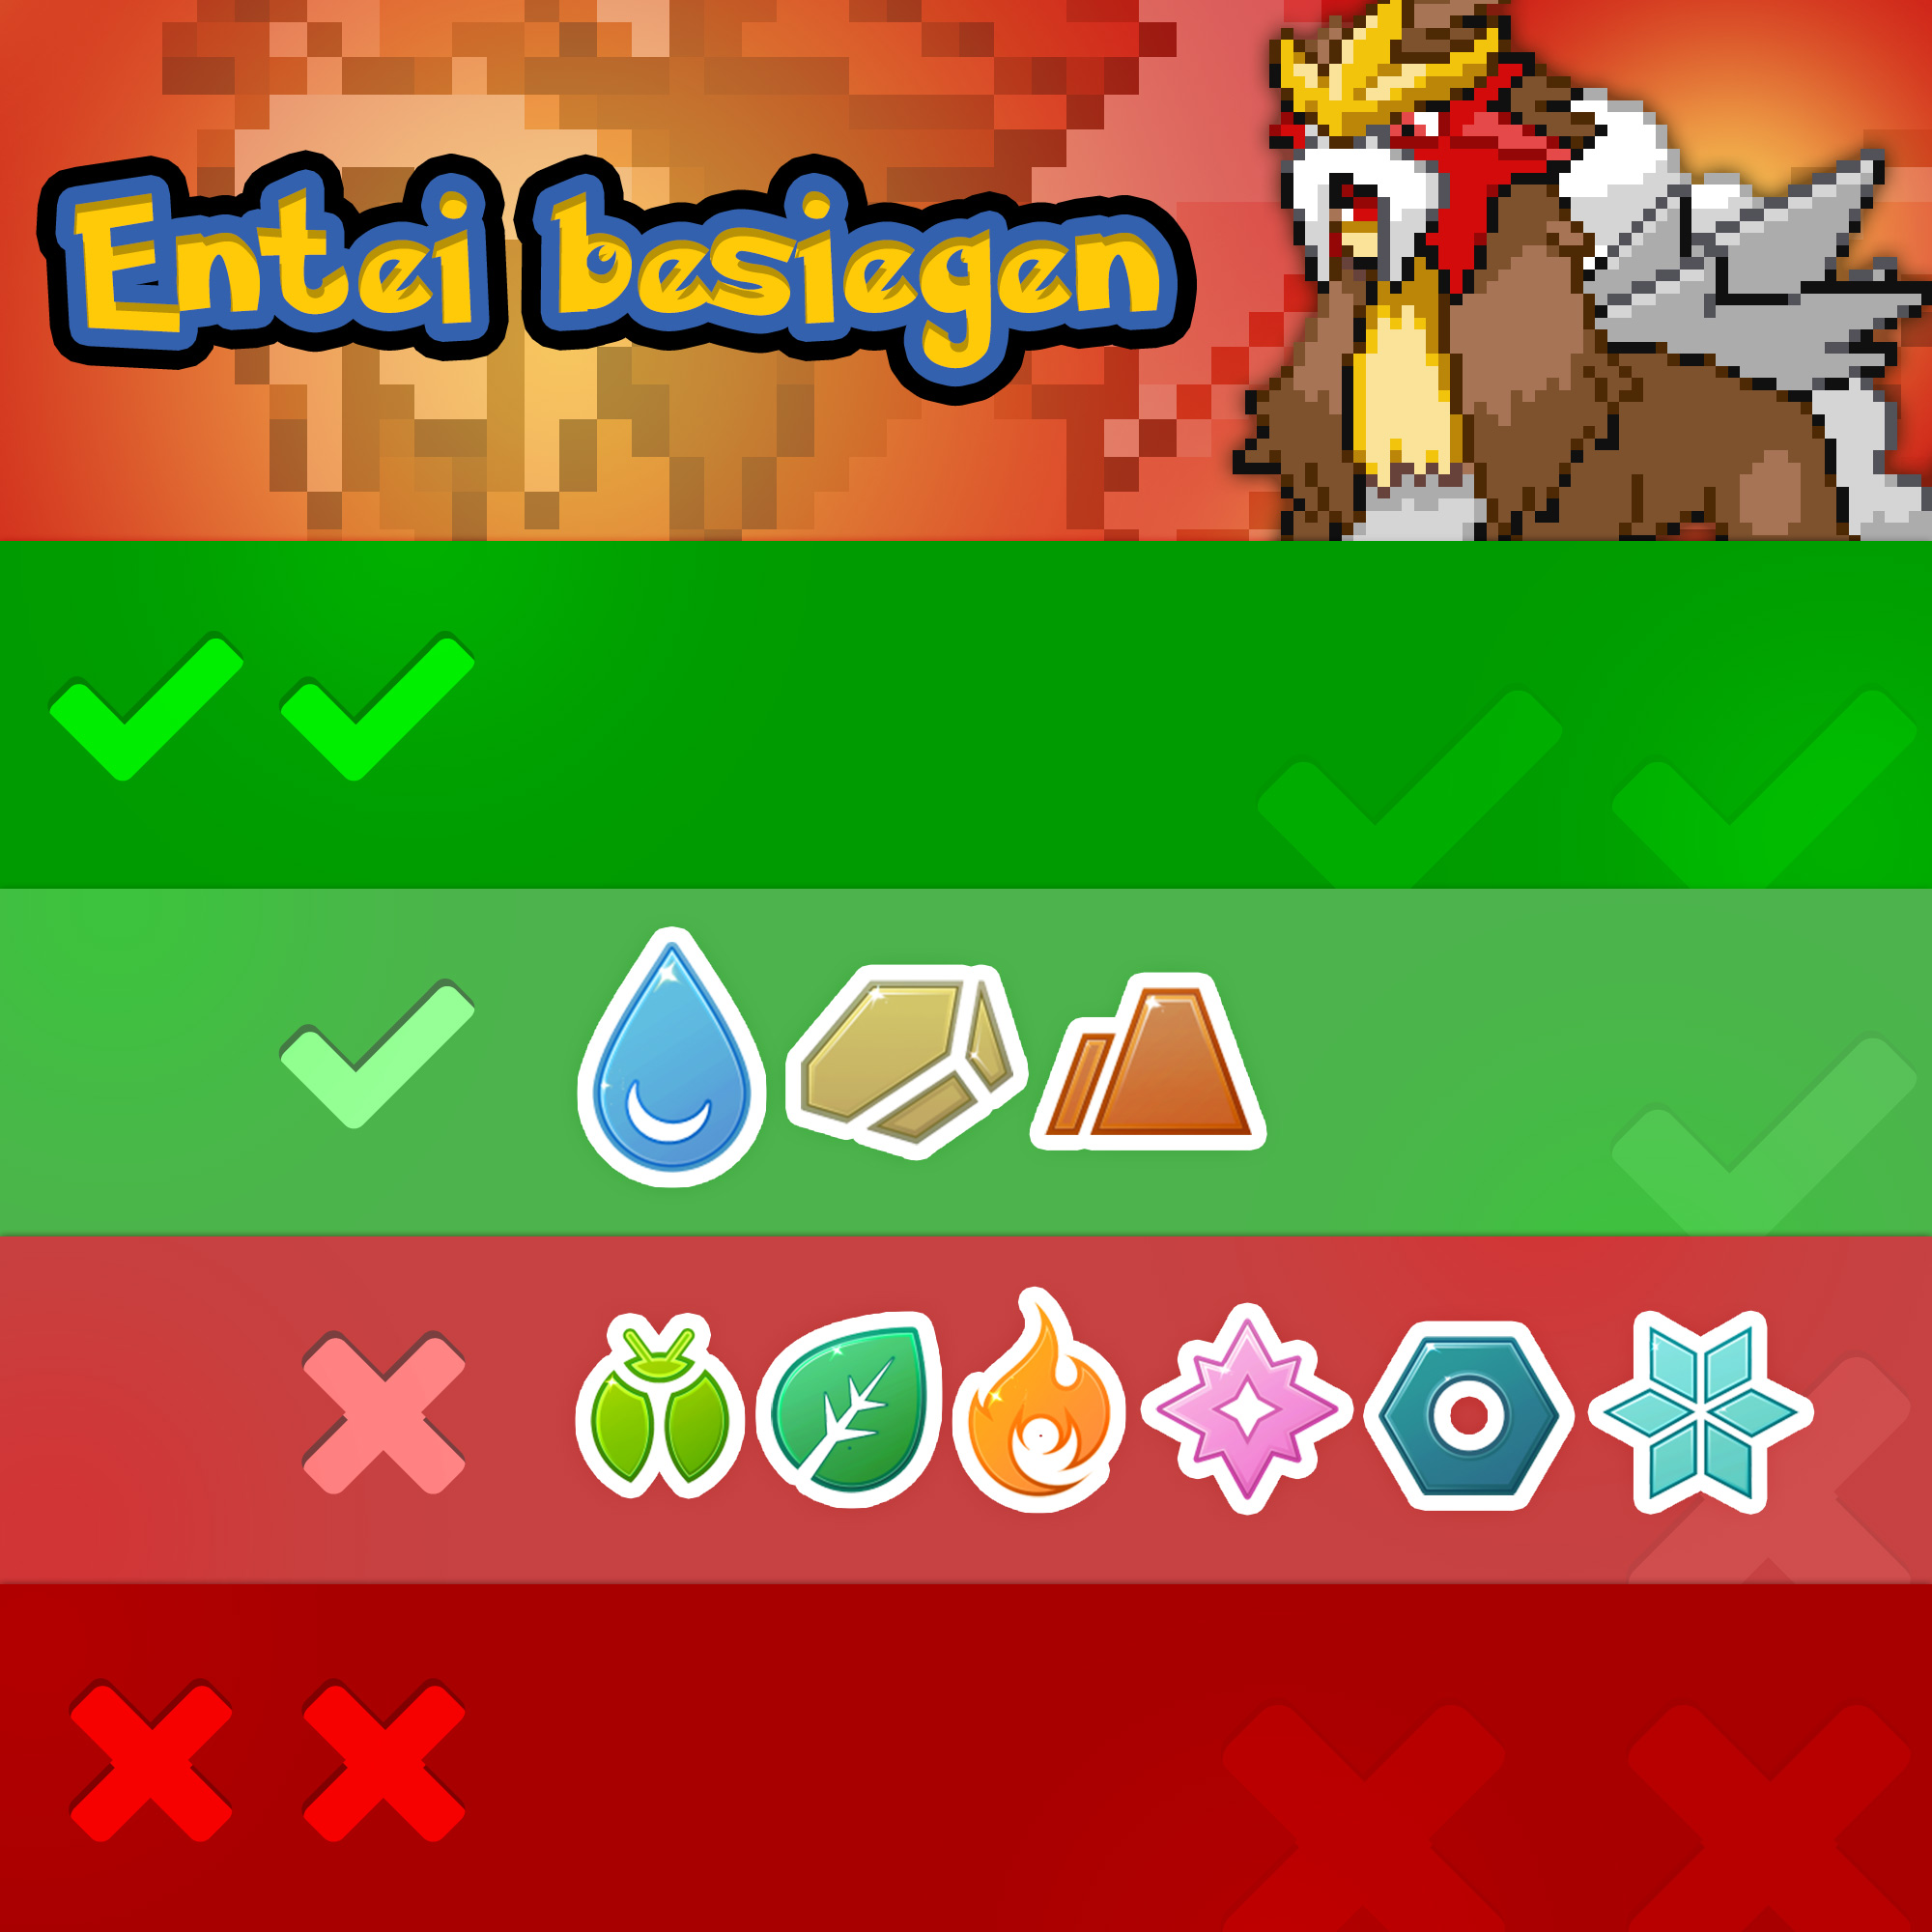 how to catch entei pokemon go